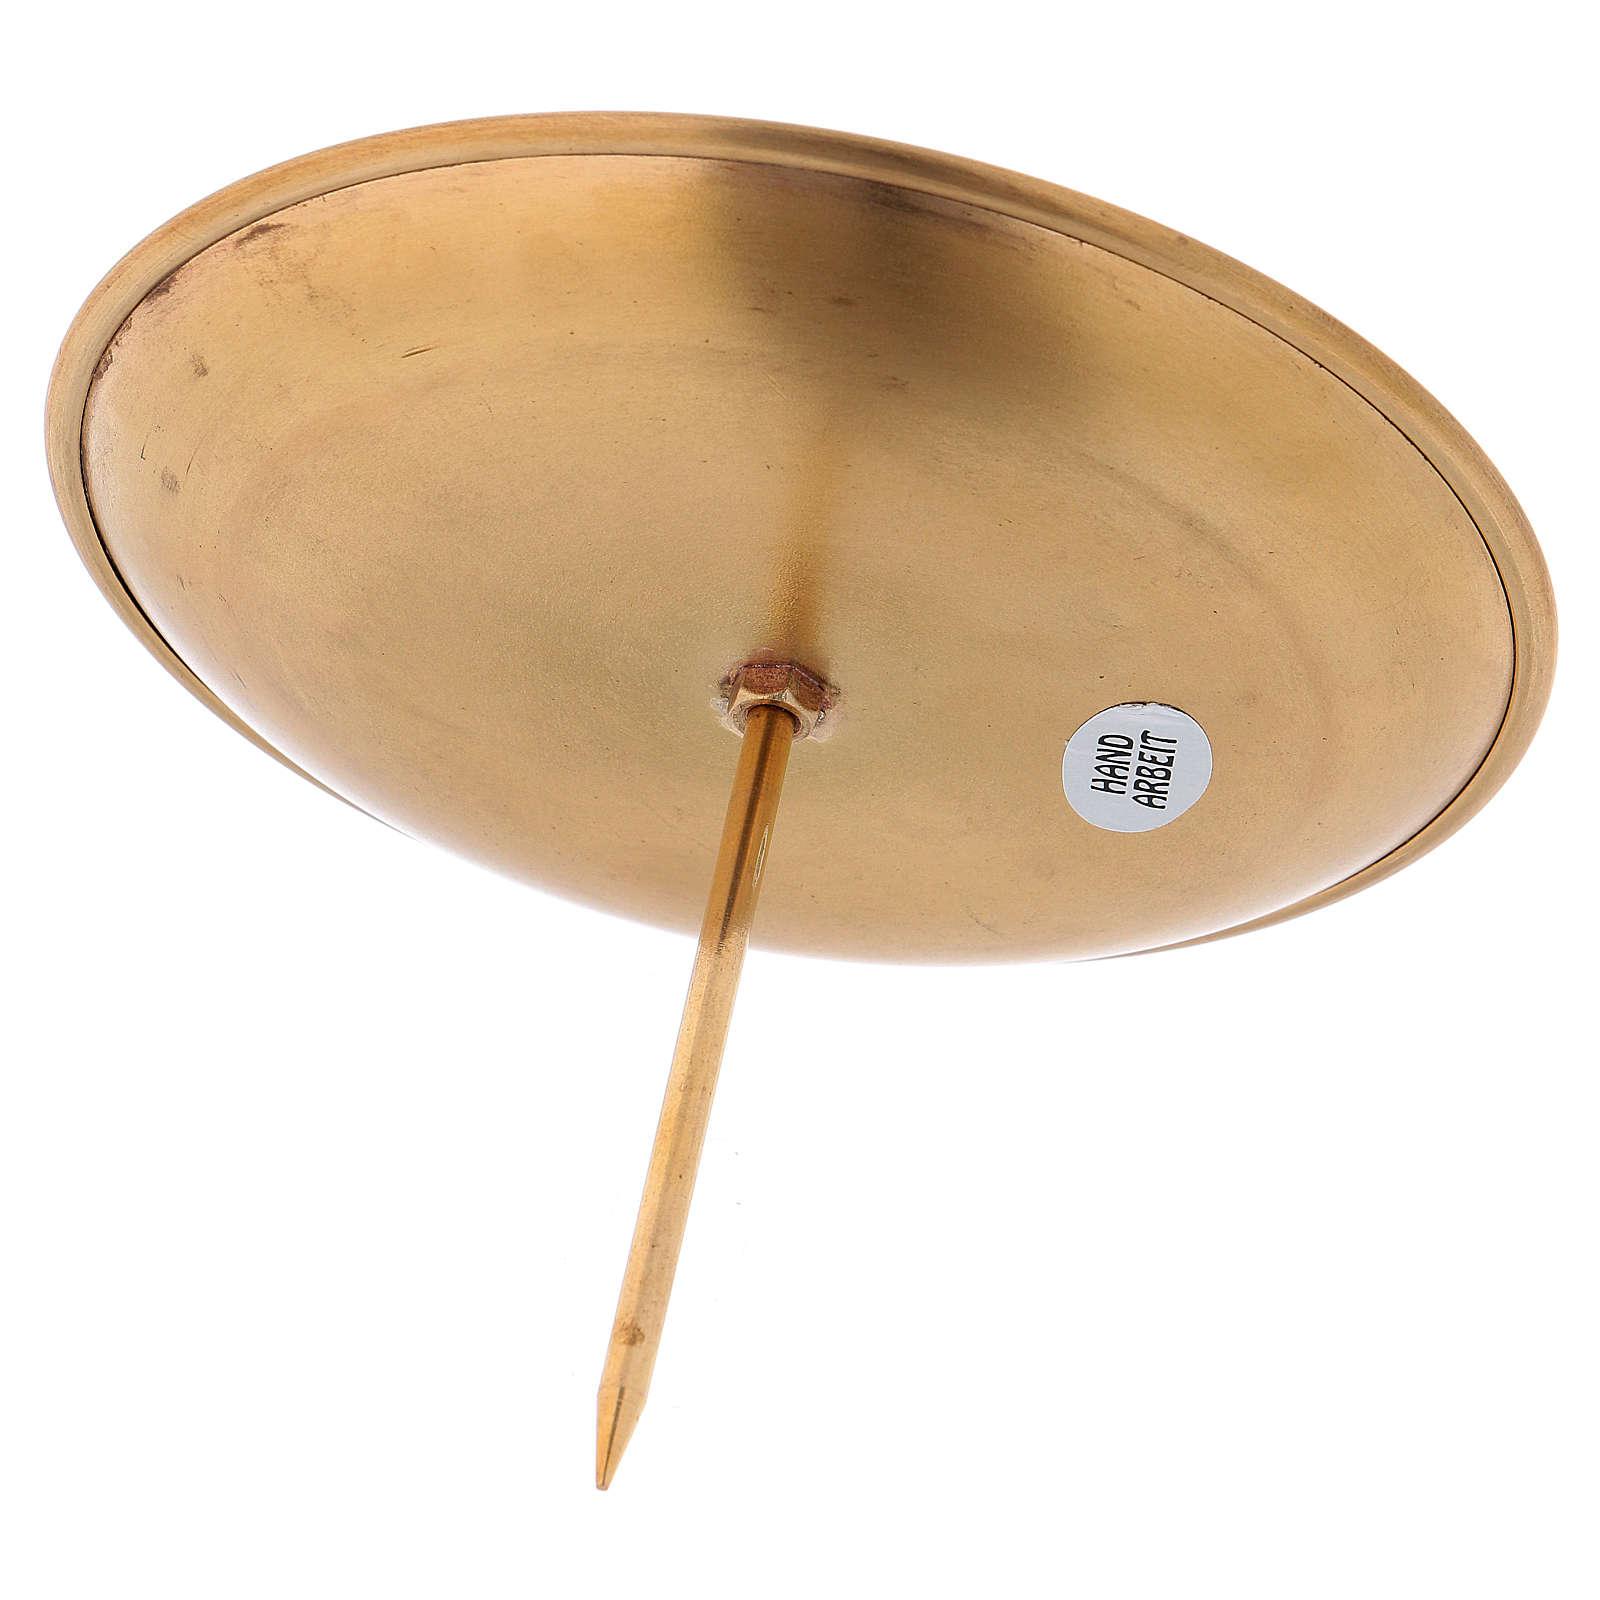 Porte-bougies laiton doré satiné pour couronne avent 3